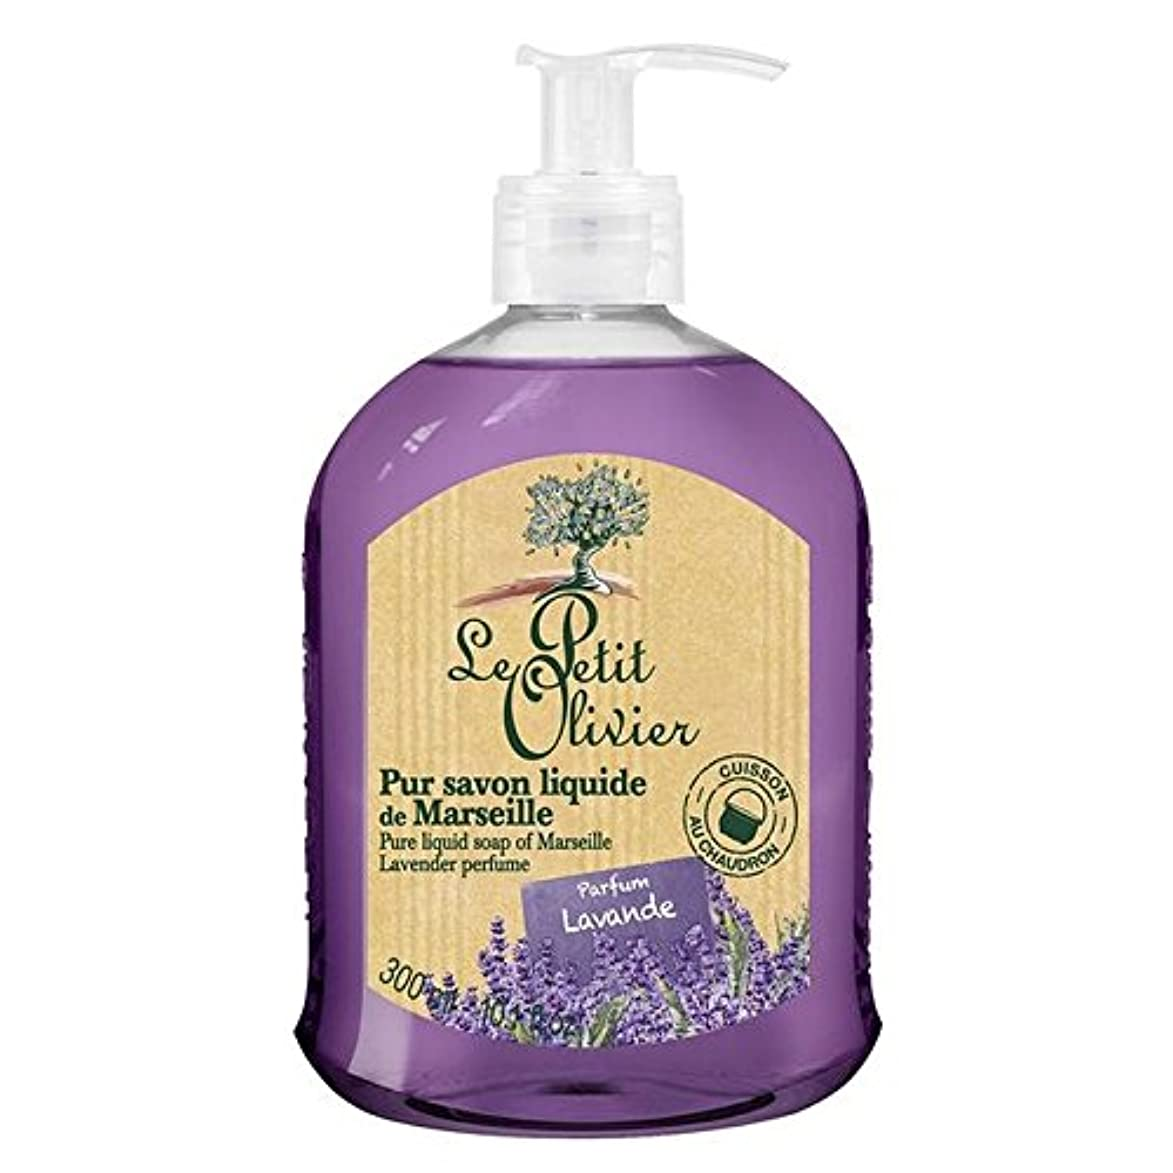 防水ヒステリック謎マルセイユのル?プティ?オリヴィエ純粋な液体石鹸、ラベンダー300ミリリットル x4 - Le Petit Olivier Pure Liquid Soap of Marseille, Lavender 300ml (Pack...